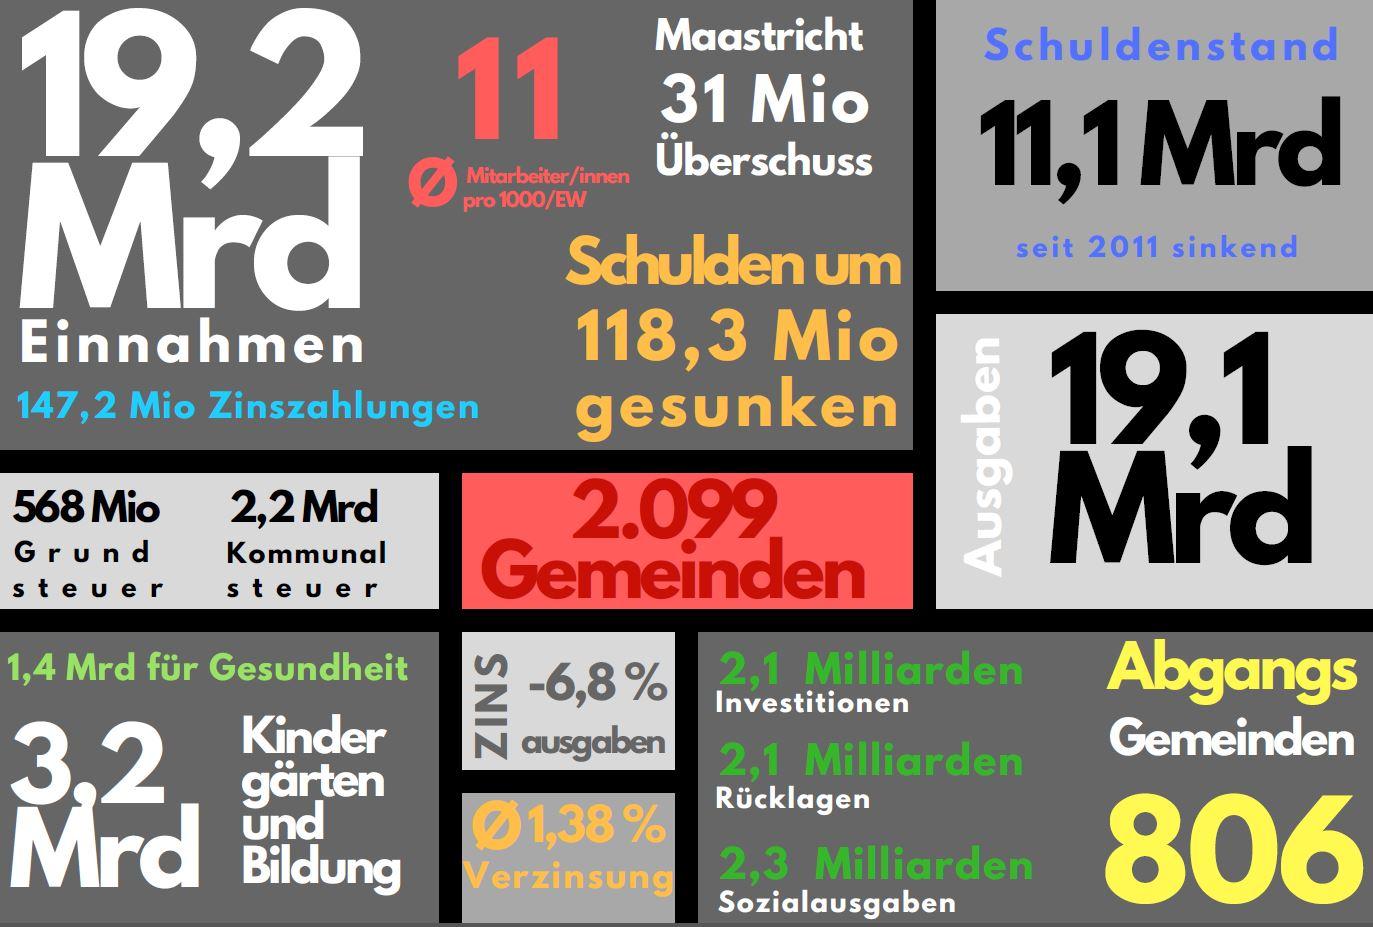 Die wichtigsten Finanzdaten der Gemeinden auf einen Blick. (Quelle: Gemeindefinanzbericht, Grafik: Gemeindebund)